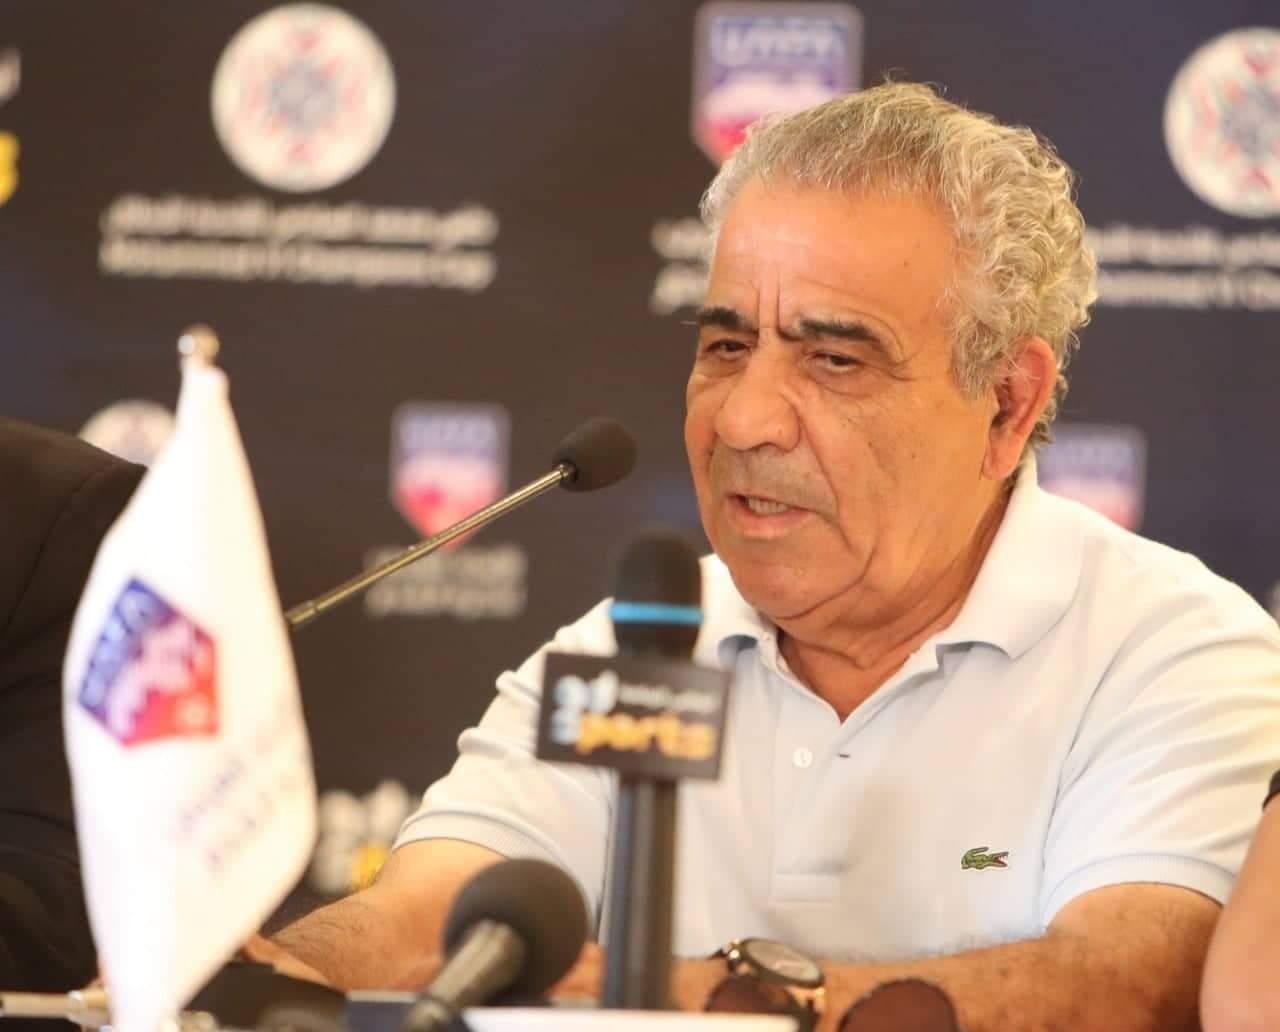 مدرب النجم التونسي: نحتاج رد فعل إيجابي أمام  مدرب شباب الأردن وحذرت اللاعبين من الضغط الجماهيري: